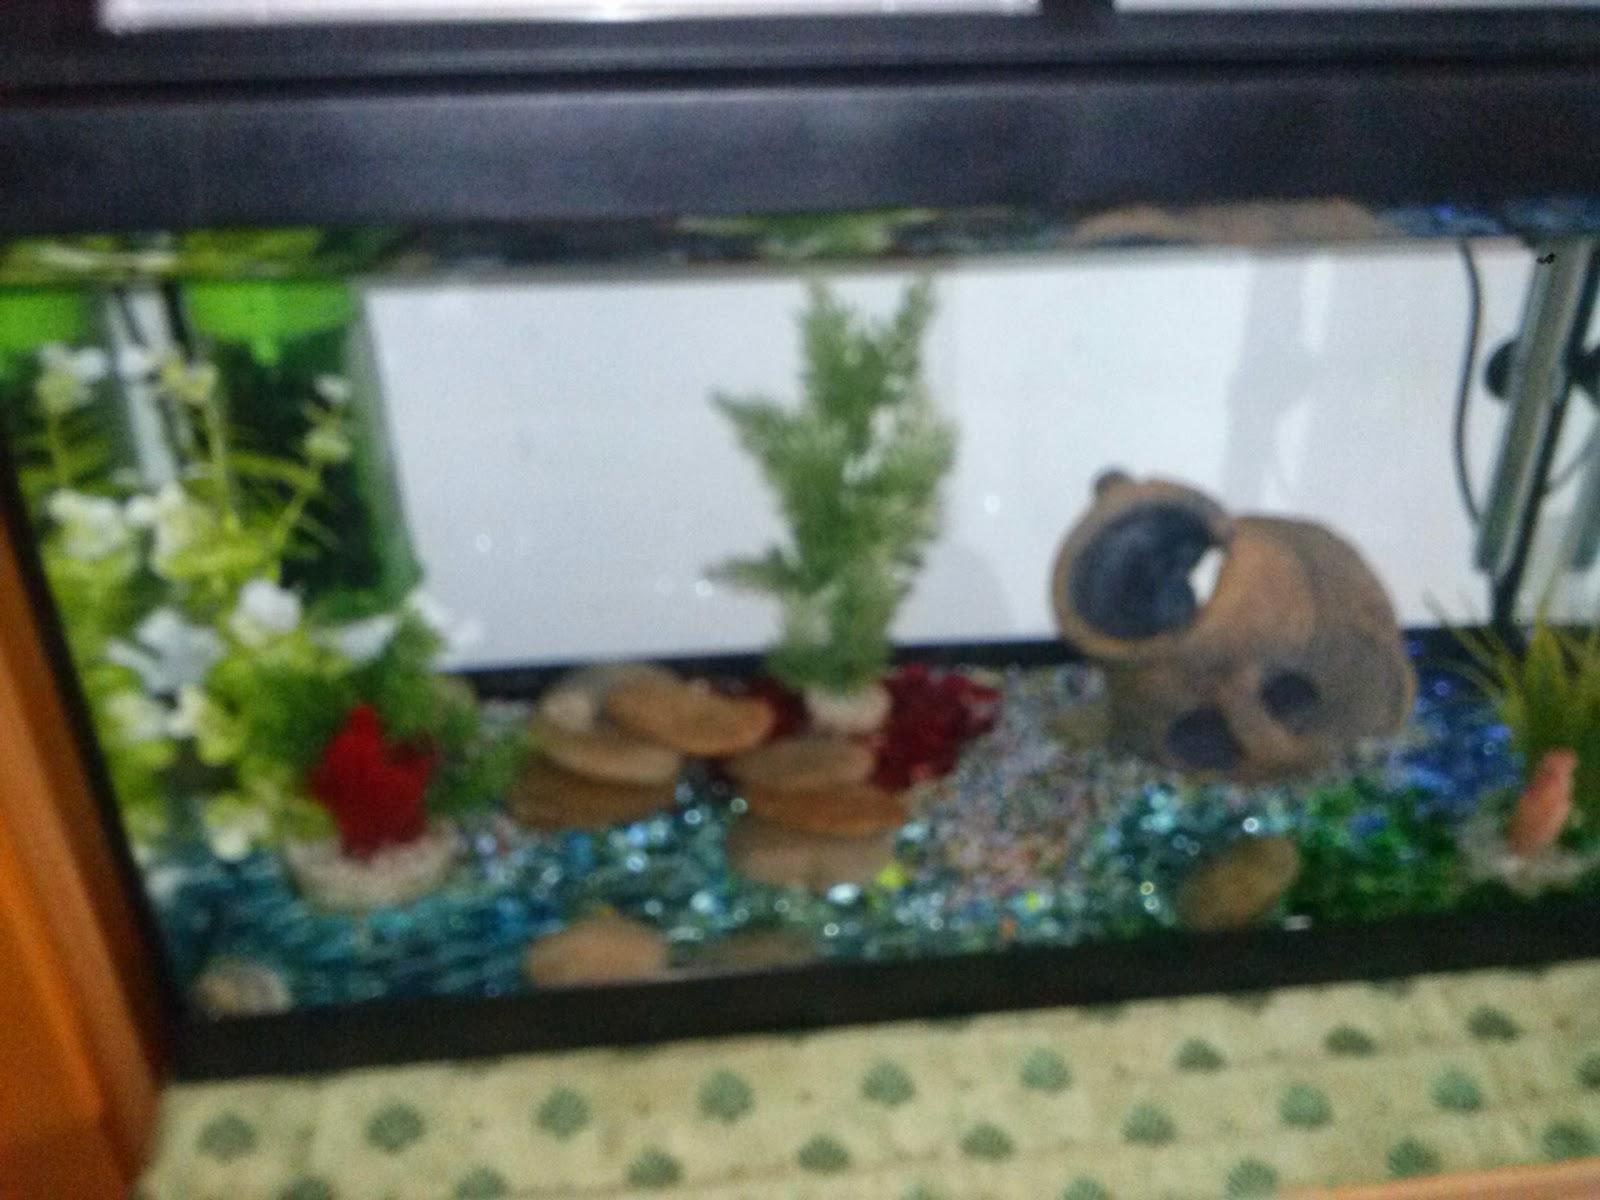 Barabao come allestire un acquario per pesci rossi for Acquario per pesci